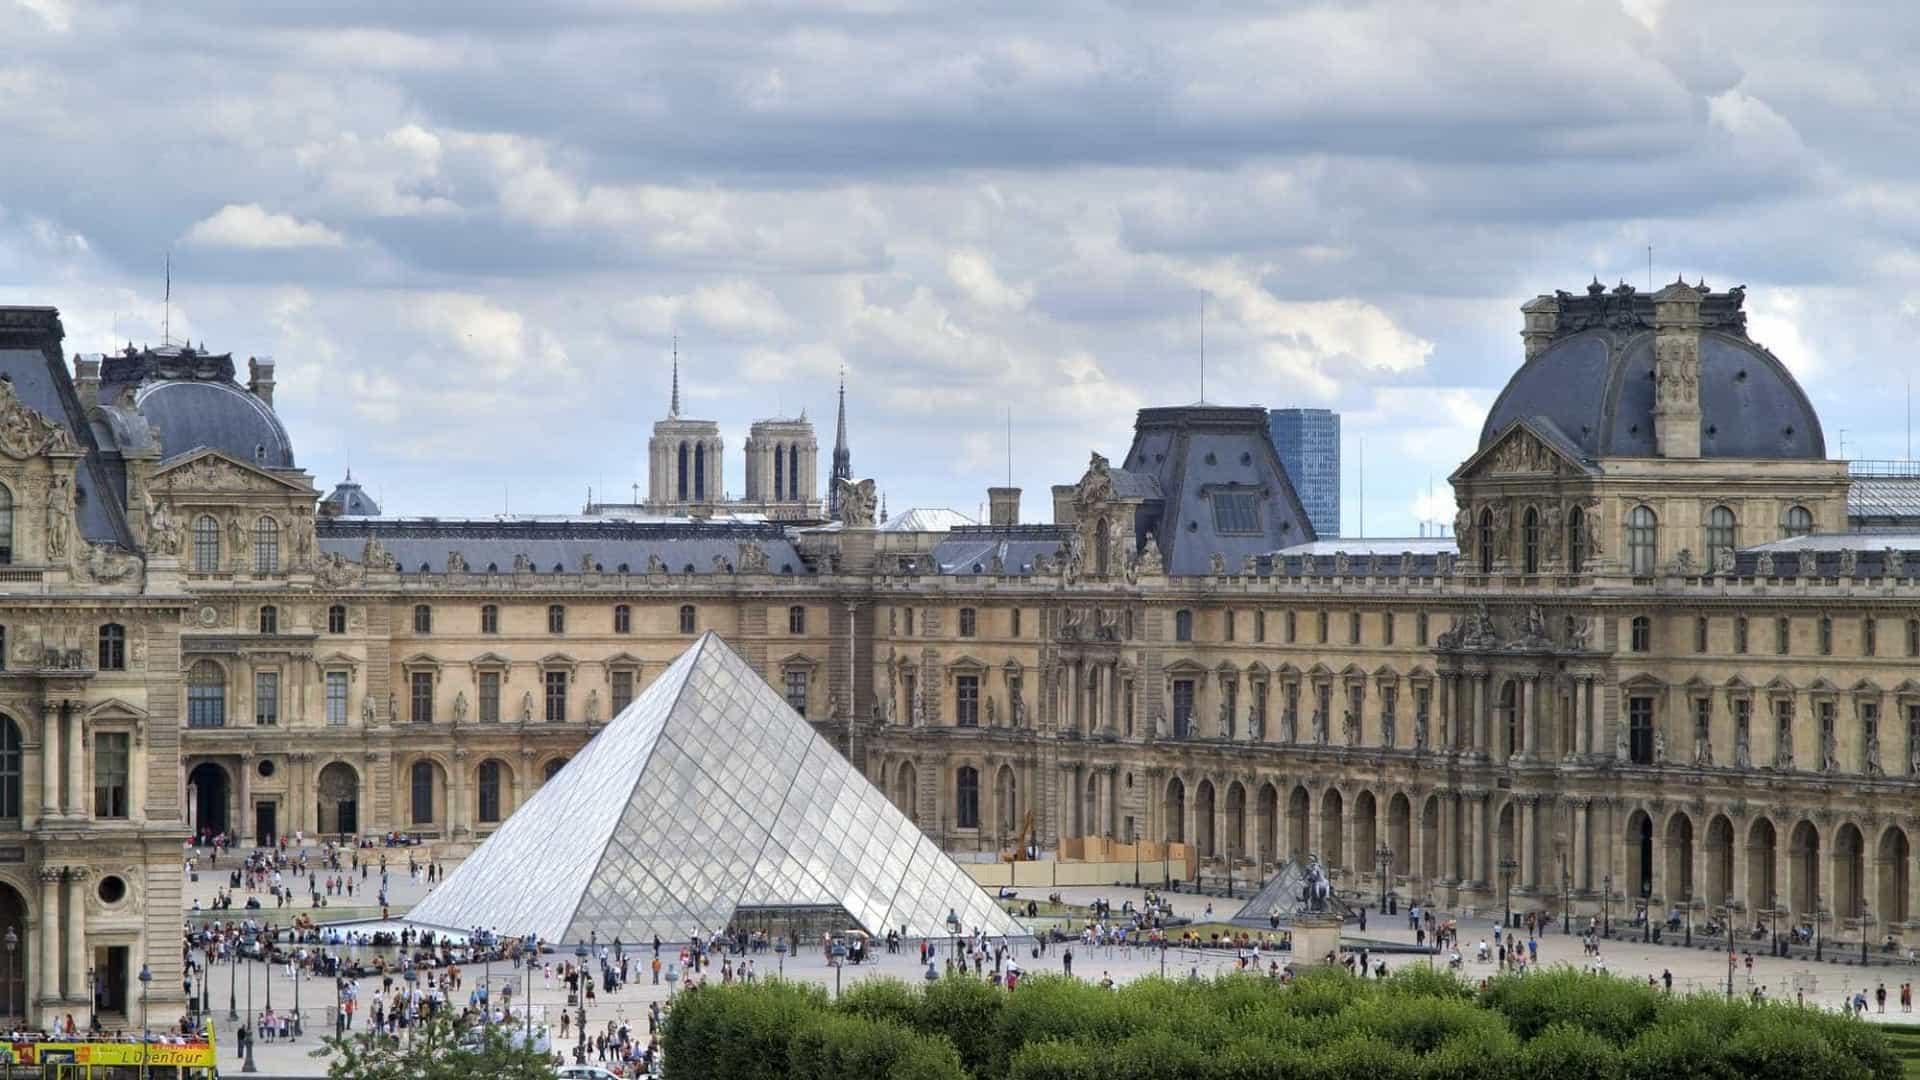 Dia Internacional do Museu - Louvre